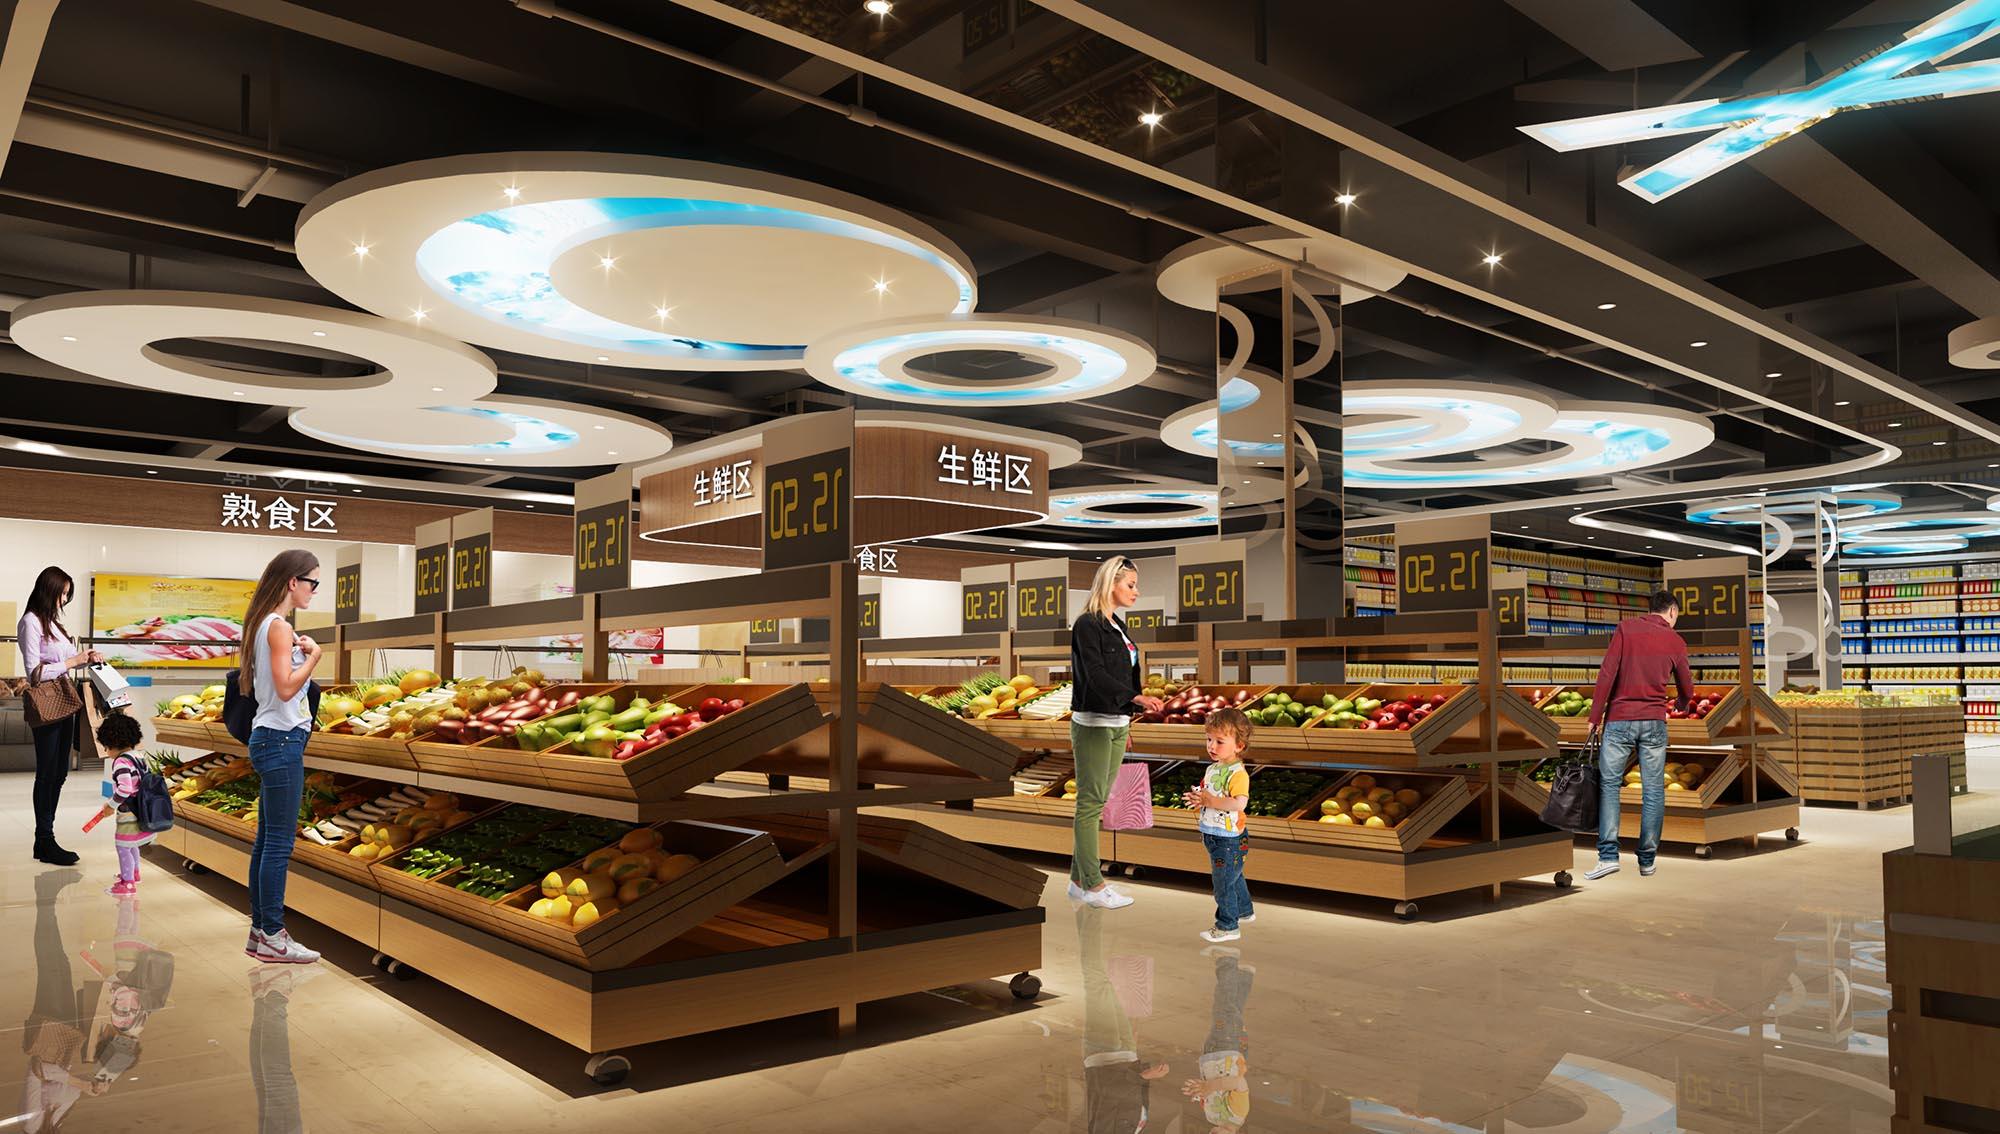 武汉超市装修设计比较好的装修公司吗图片